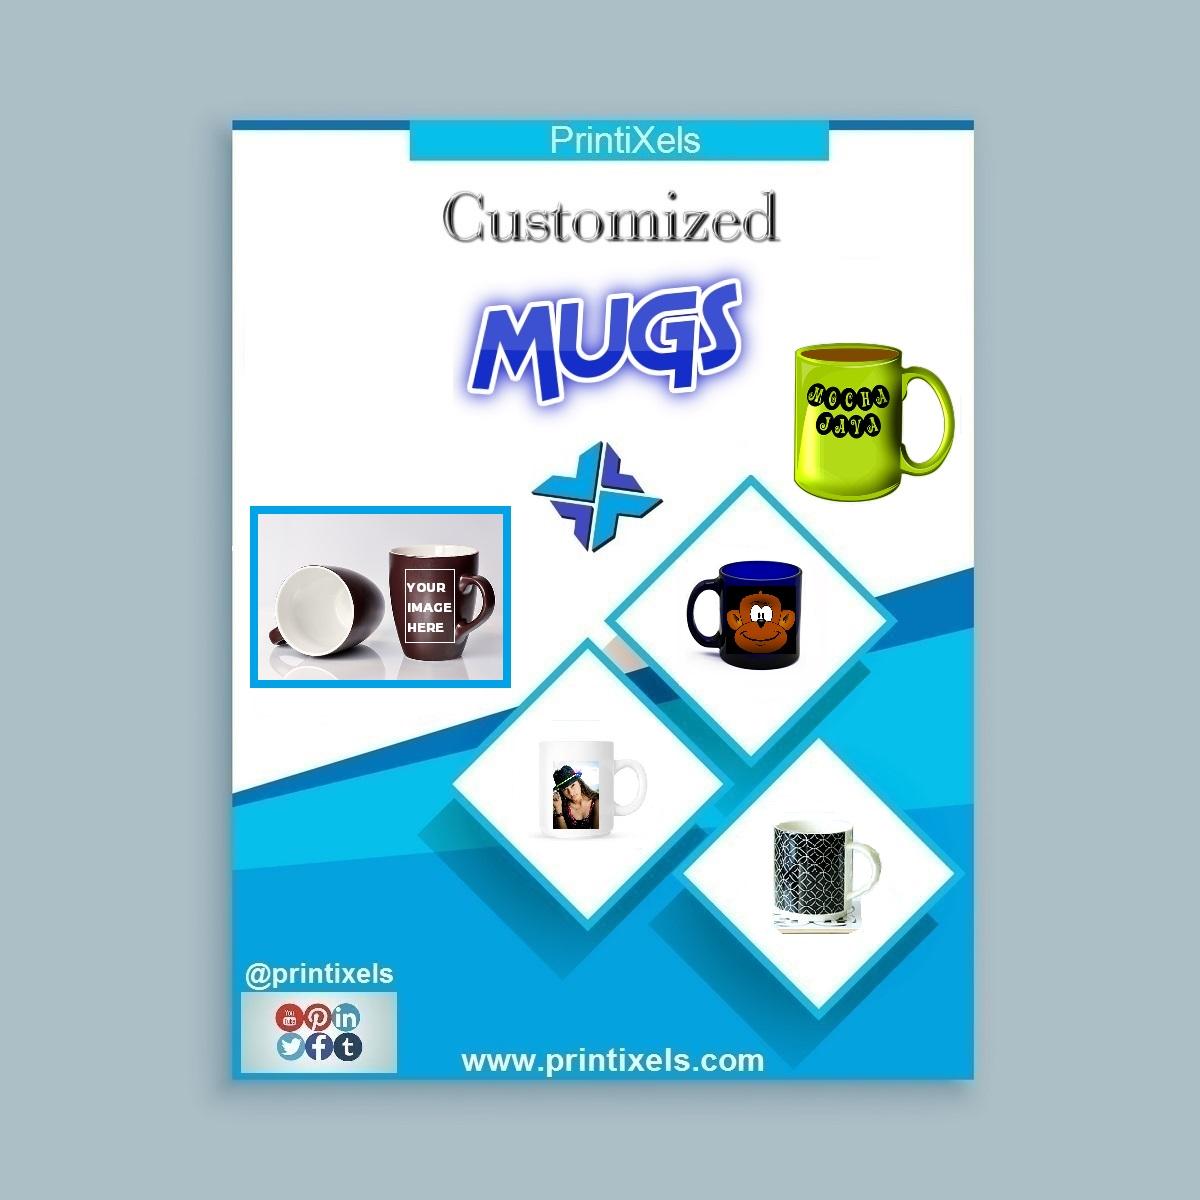 Customized Mugs, Personalized Photo Mugs